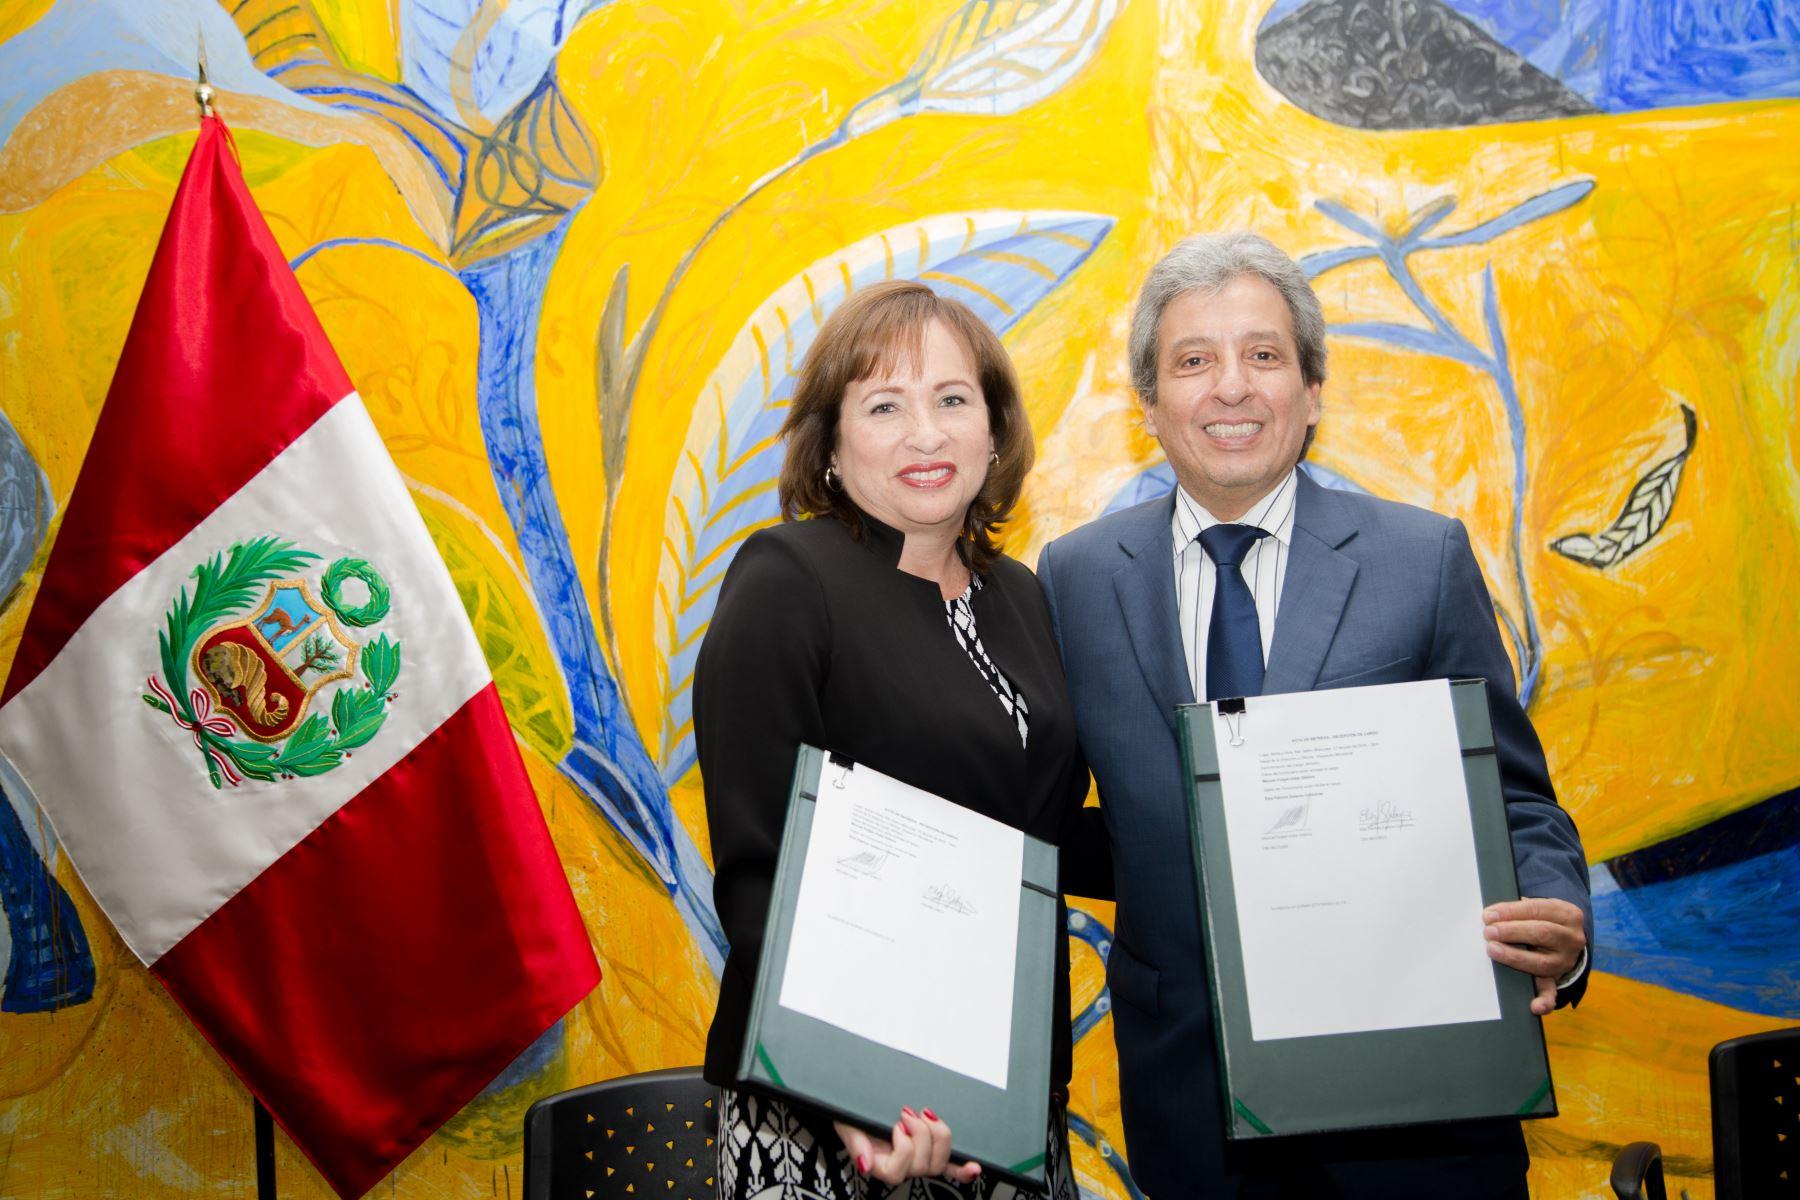 La nueva ministra del Ambiente, Elsa Galarza Contreras, asume en cargo, en un acto protocolar que contó con la presencia del saliente titular del portafolio, Manuel Pulgar Vidal. Difusión